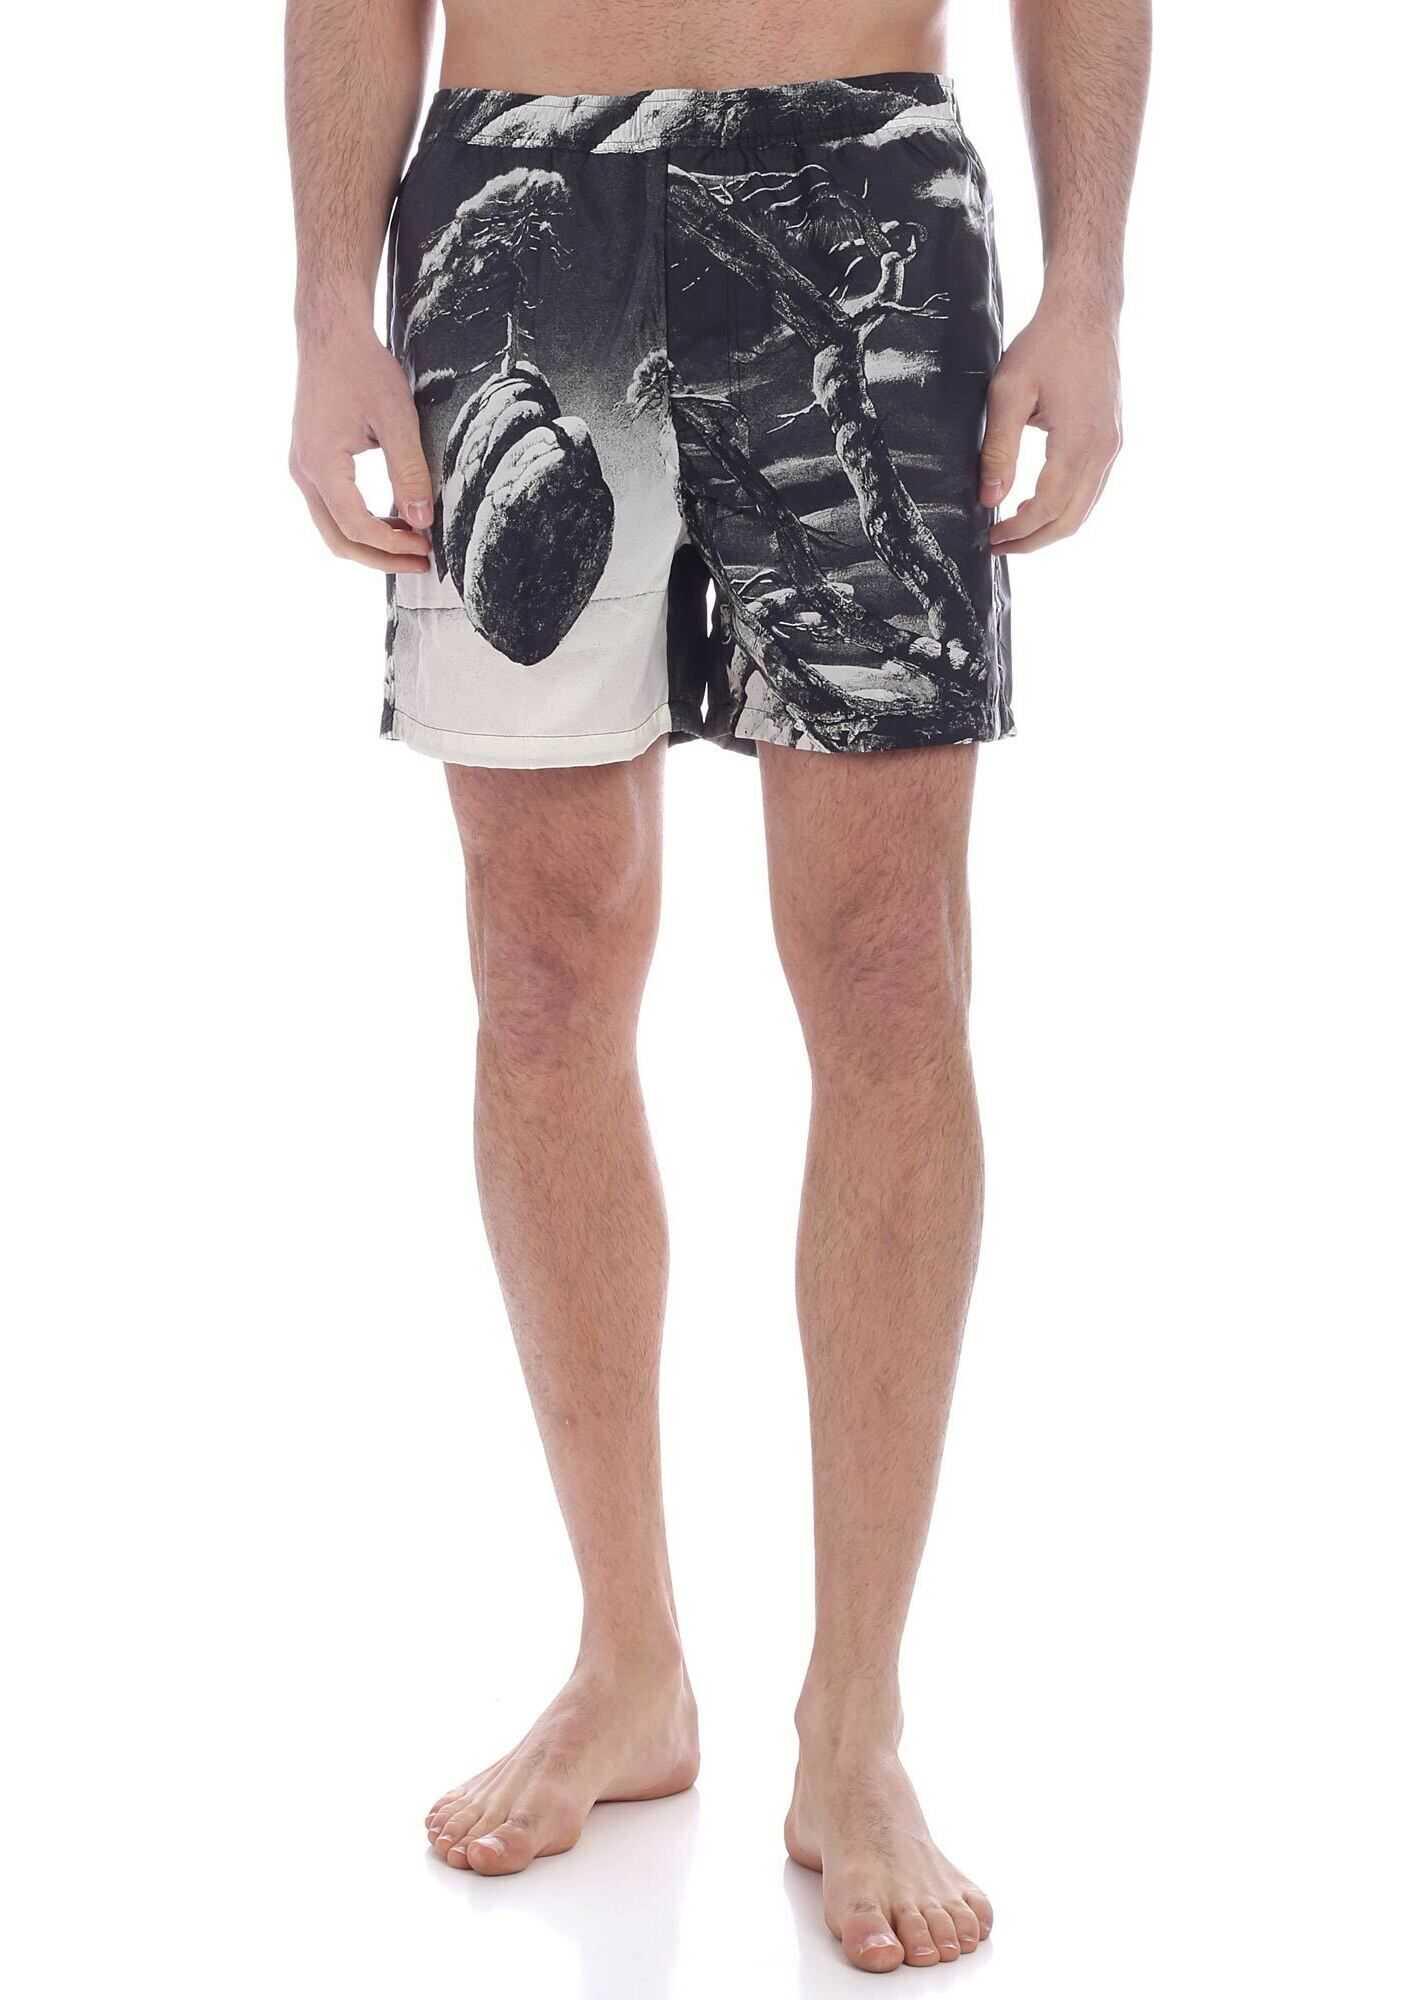 Valentino Garavani Floating Island Print Swim Trunks In Black Black imagine